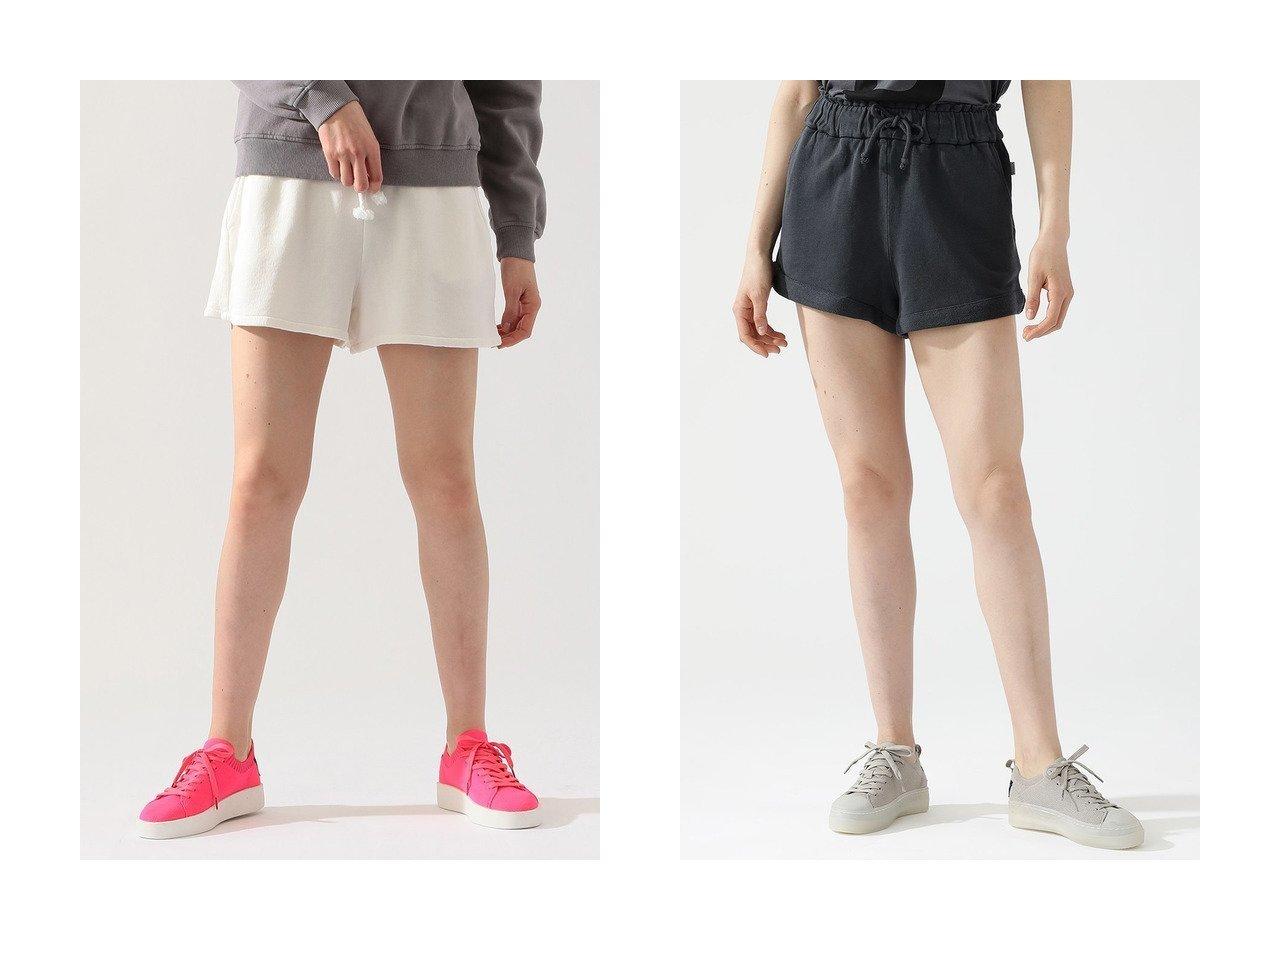 【ECOALF/エコアルフ】の[LIMITED EDITION] LAVA スウェットショートパンツ 【パンツ】おすすめ!人気、トレンド・レディースファッションの通販 おすすめで人気の流行・トレンド、ファッションの通販商品 インテリア・家具・メンズファッション・キッズファッション・レディースファッション・服の通販 founy(ファニー) https://founy.com/ ファッション Fashion レディースファッション WOMEN パンツ Pants ハーフ / ショートパンツ Short Pants ショート |ID:crp329100000043077